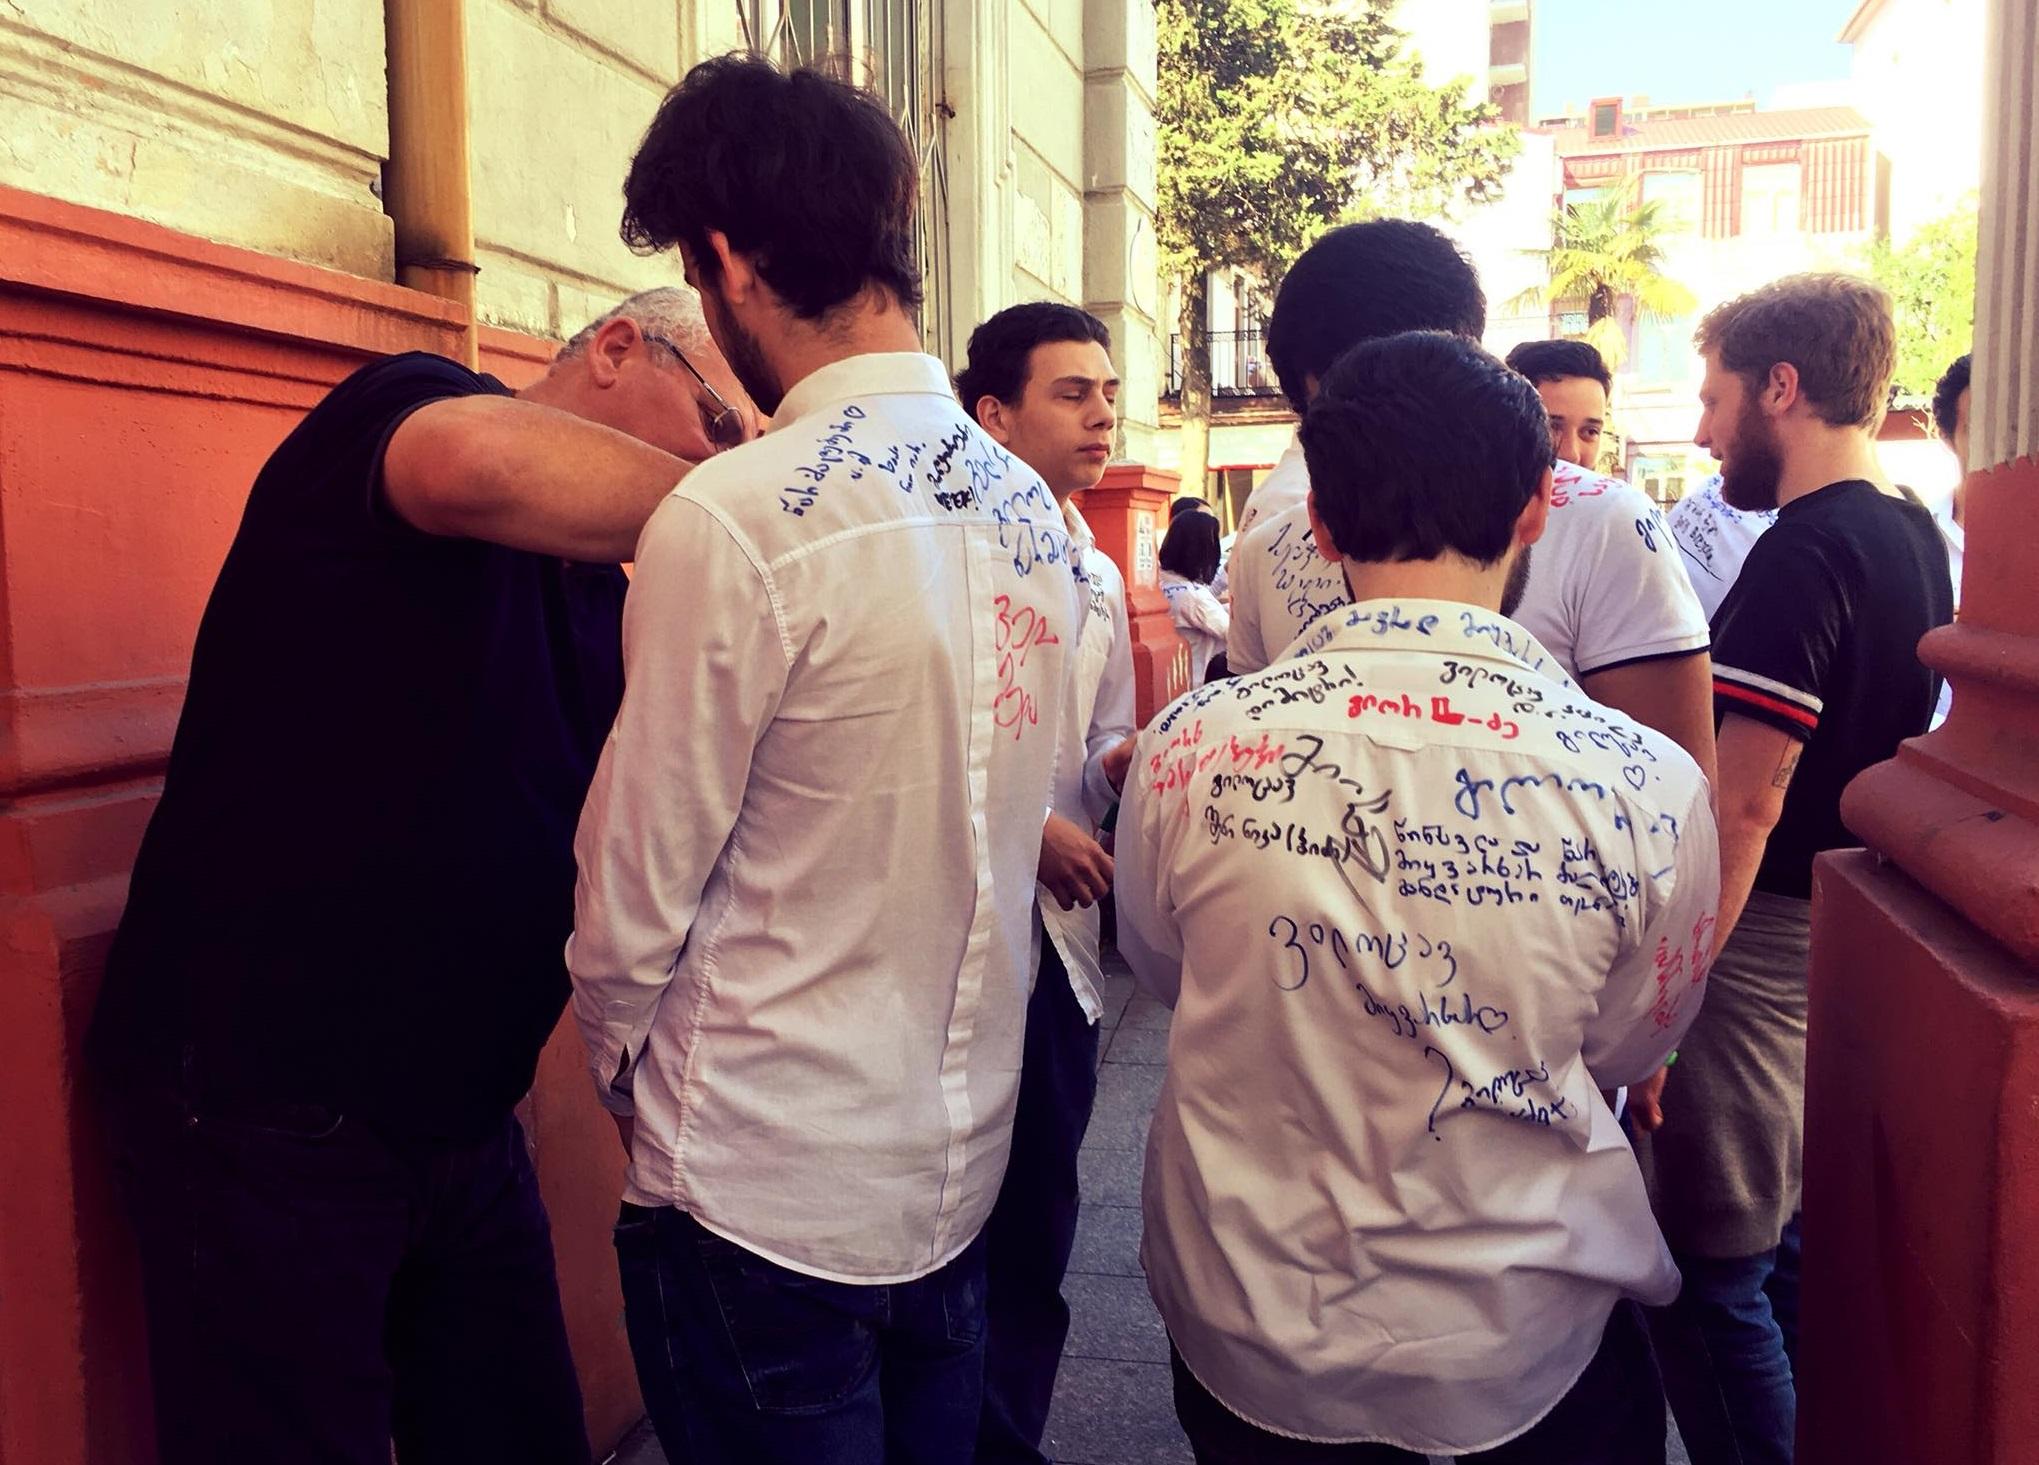 ფერადი წარწერები თეთრ პერანგებზე